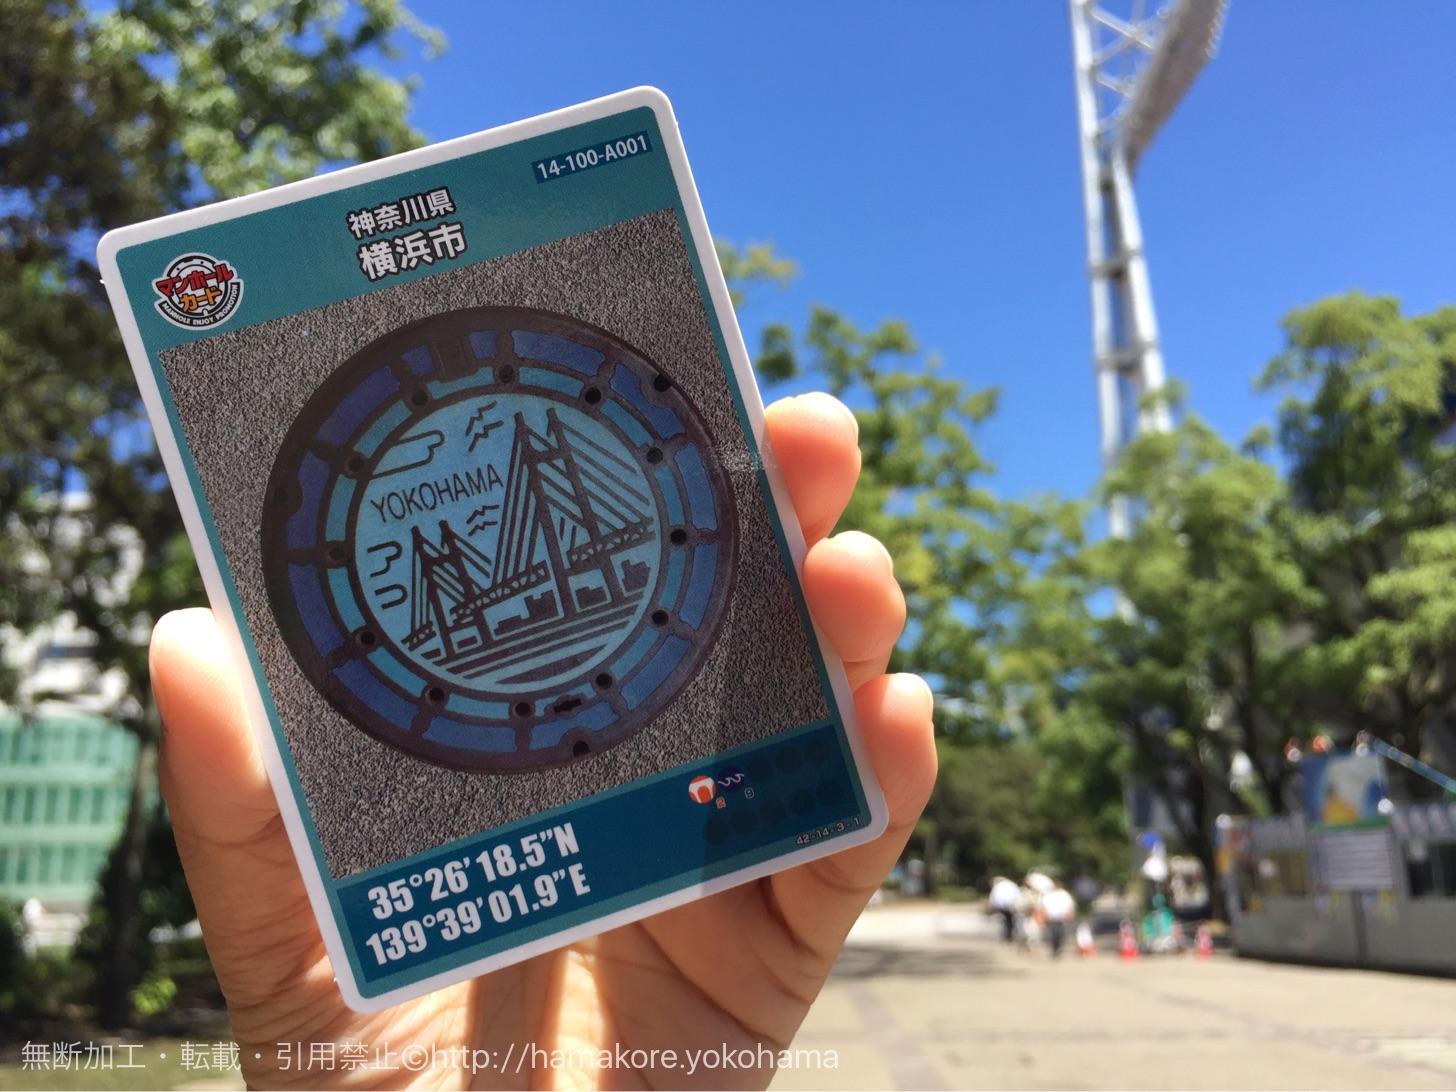 横浜市のマンホールカード